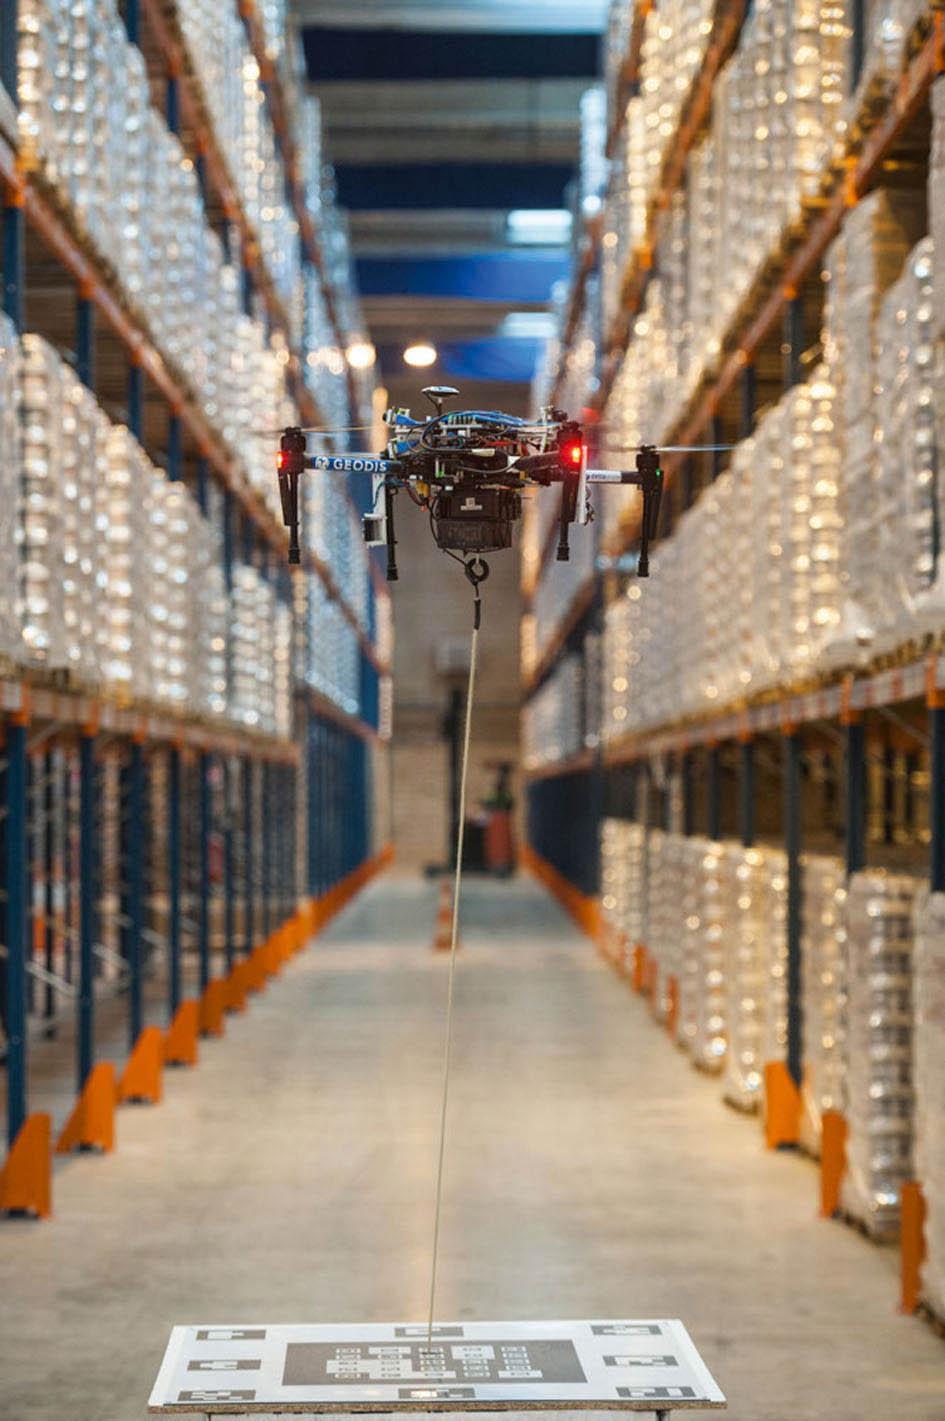 Spíše než k doručování zásilek by se drony mohly v blízké budoucnosti využívat k provádění inventur ve výškových skladech, kde by při tomto zdlouhavém a nepříliš bezpečném procesu nahradily lidi.